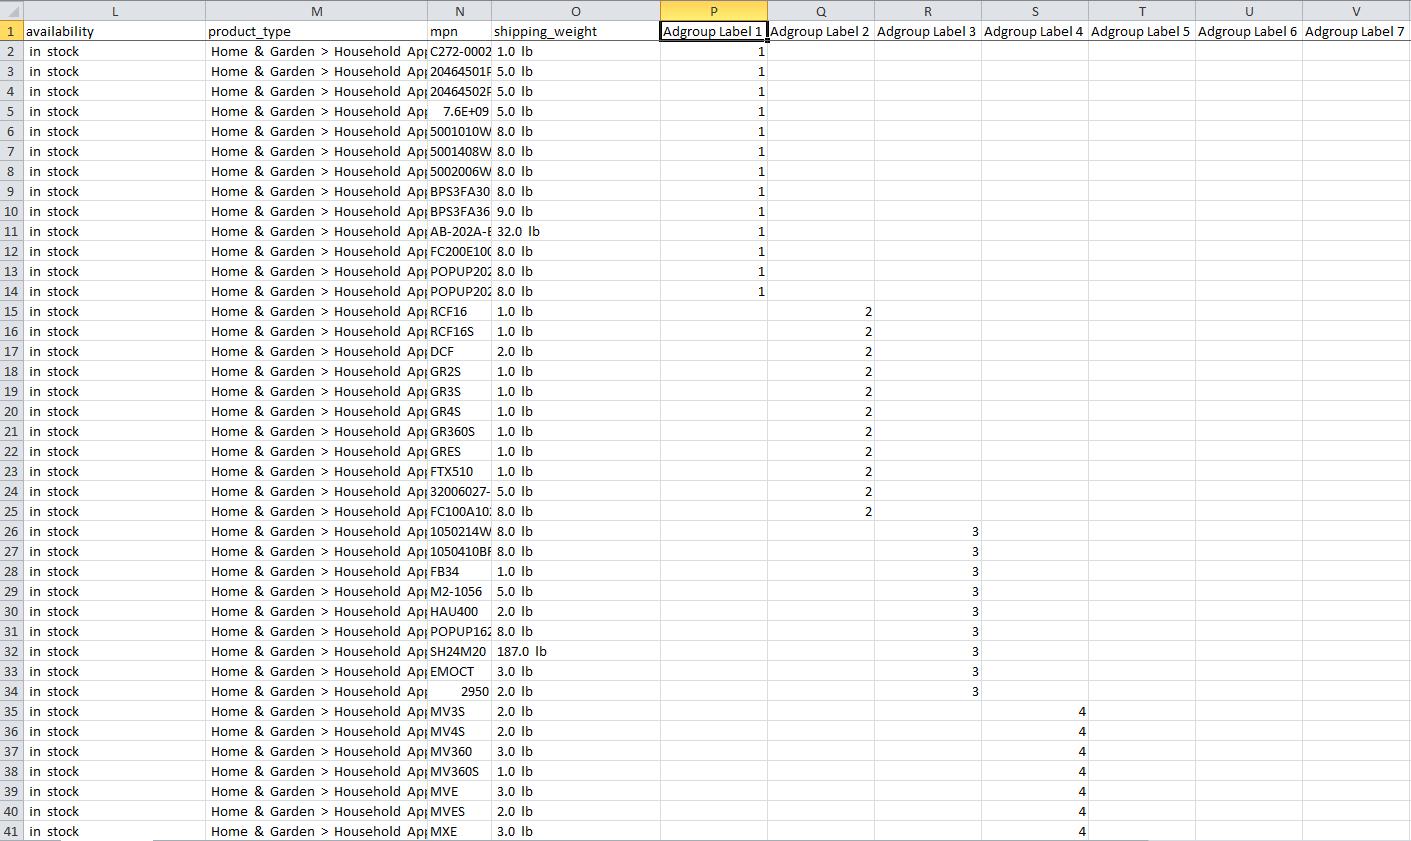 Использование конверсии Google Analytics для группирования товаров и перехода на торговую кампанию Google (Часть 2)